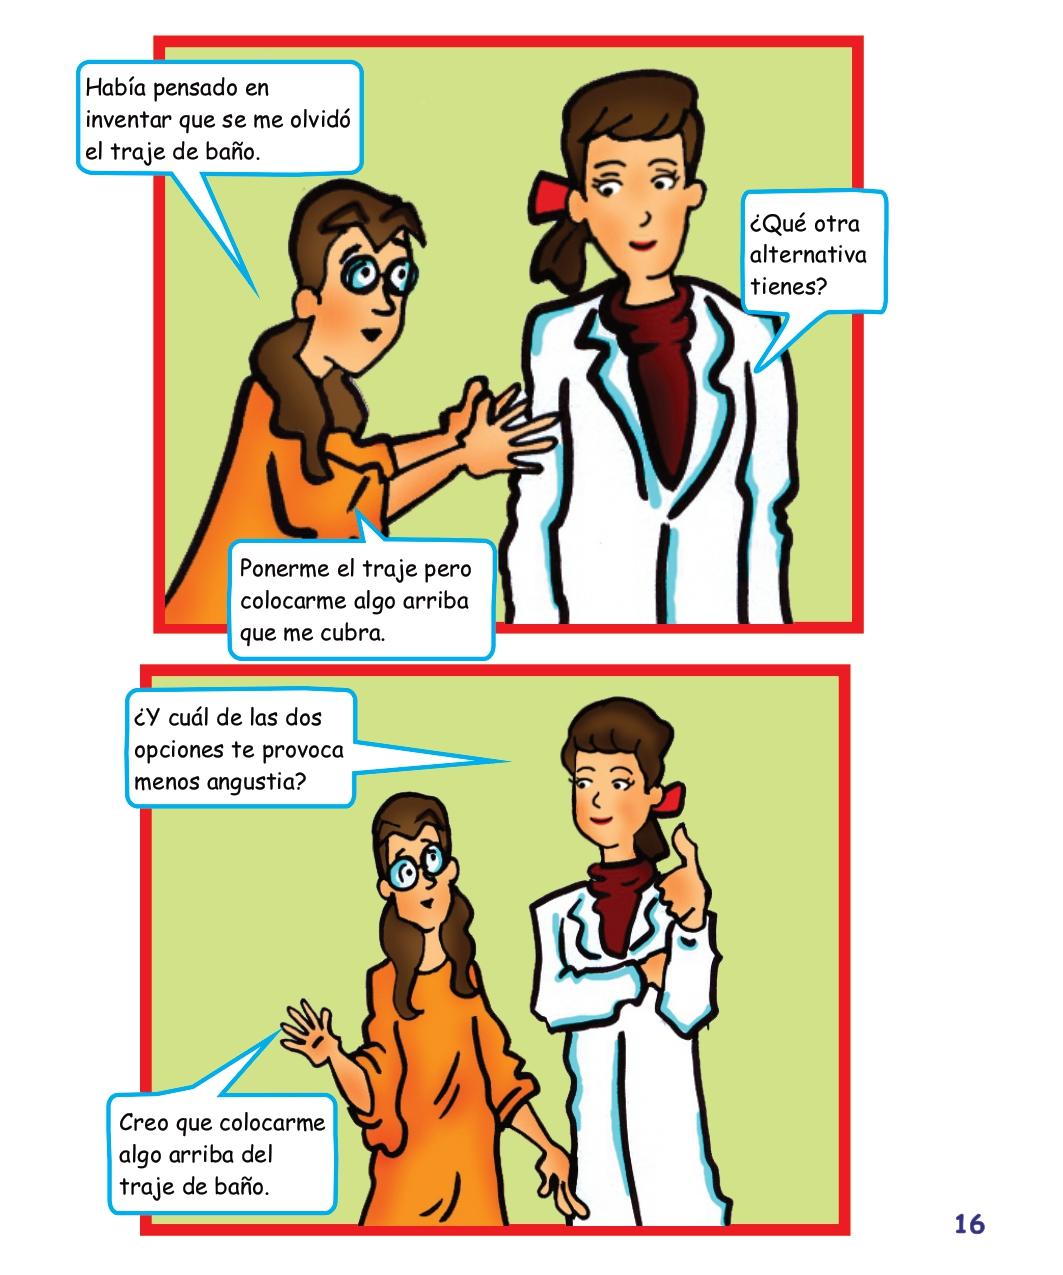 Psicología adolescentes Reyhan cap2 digital_page-0019